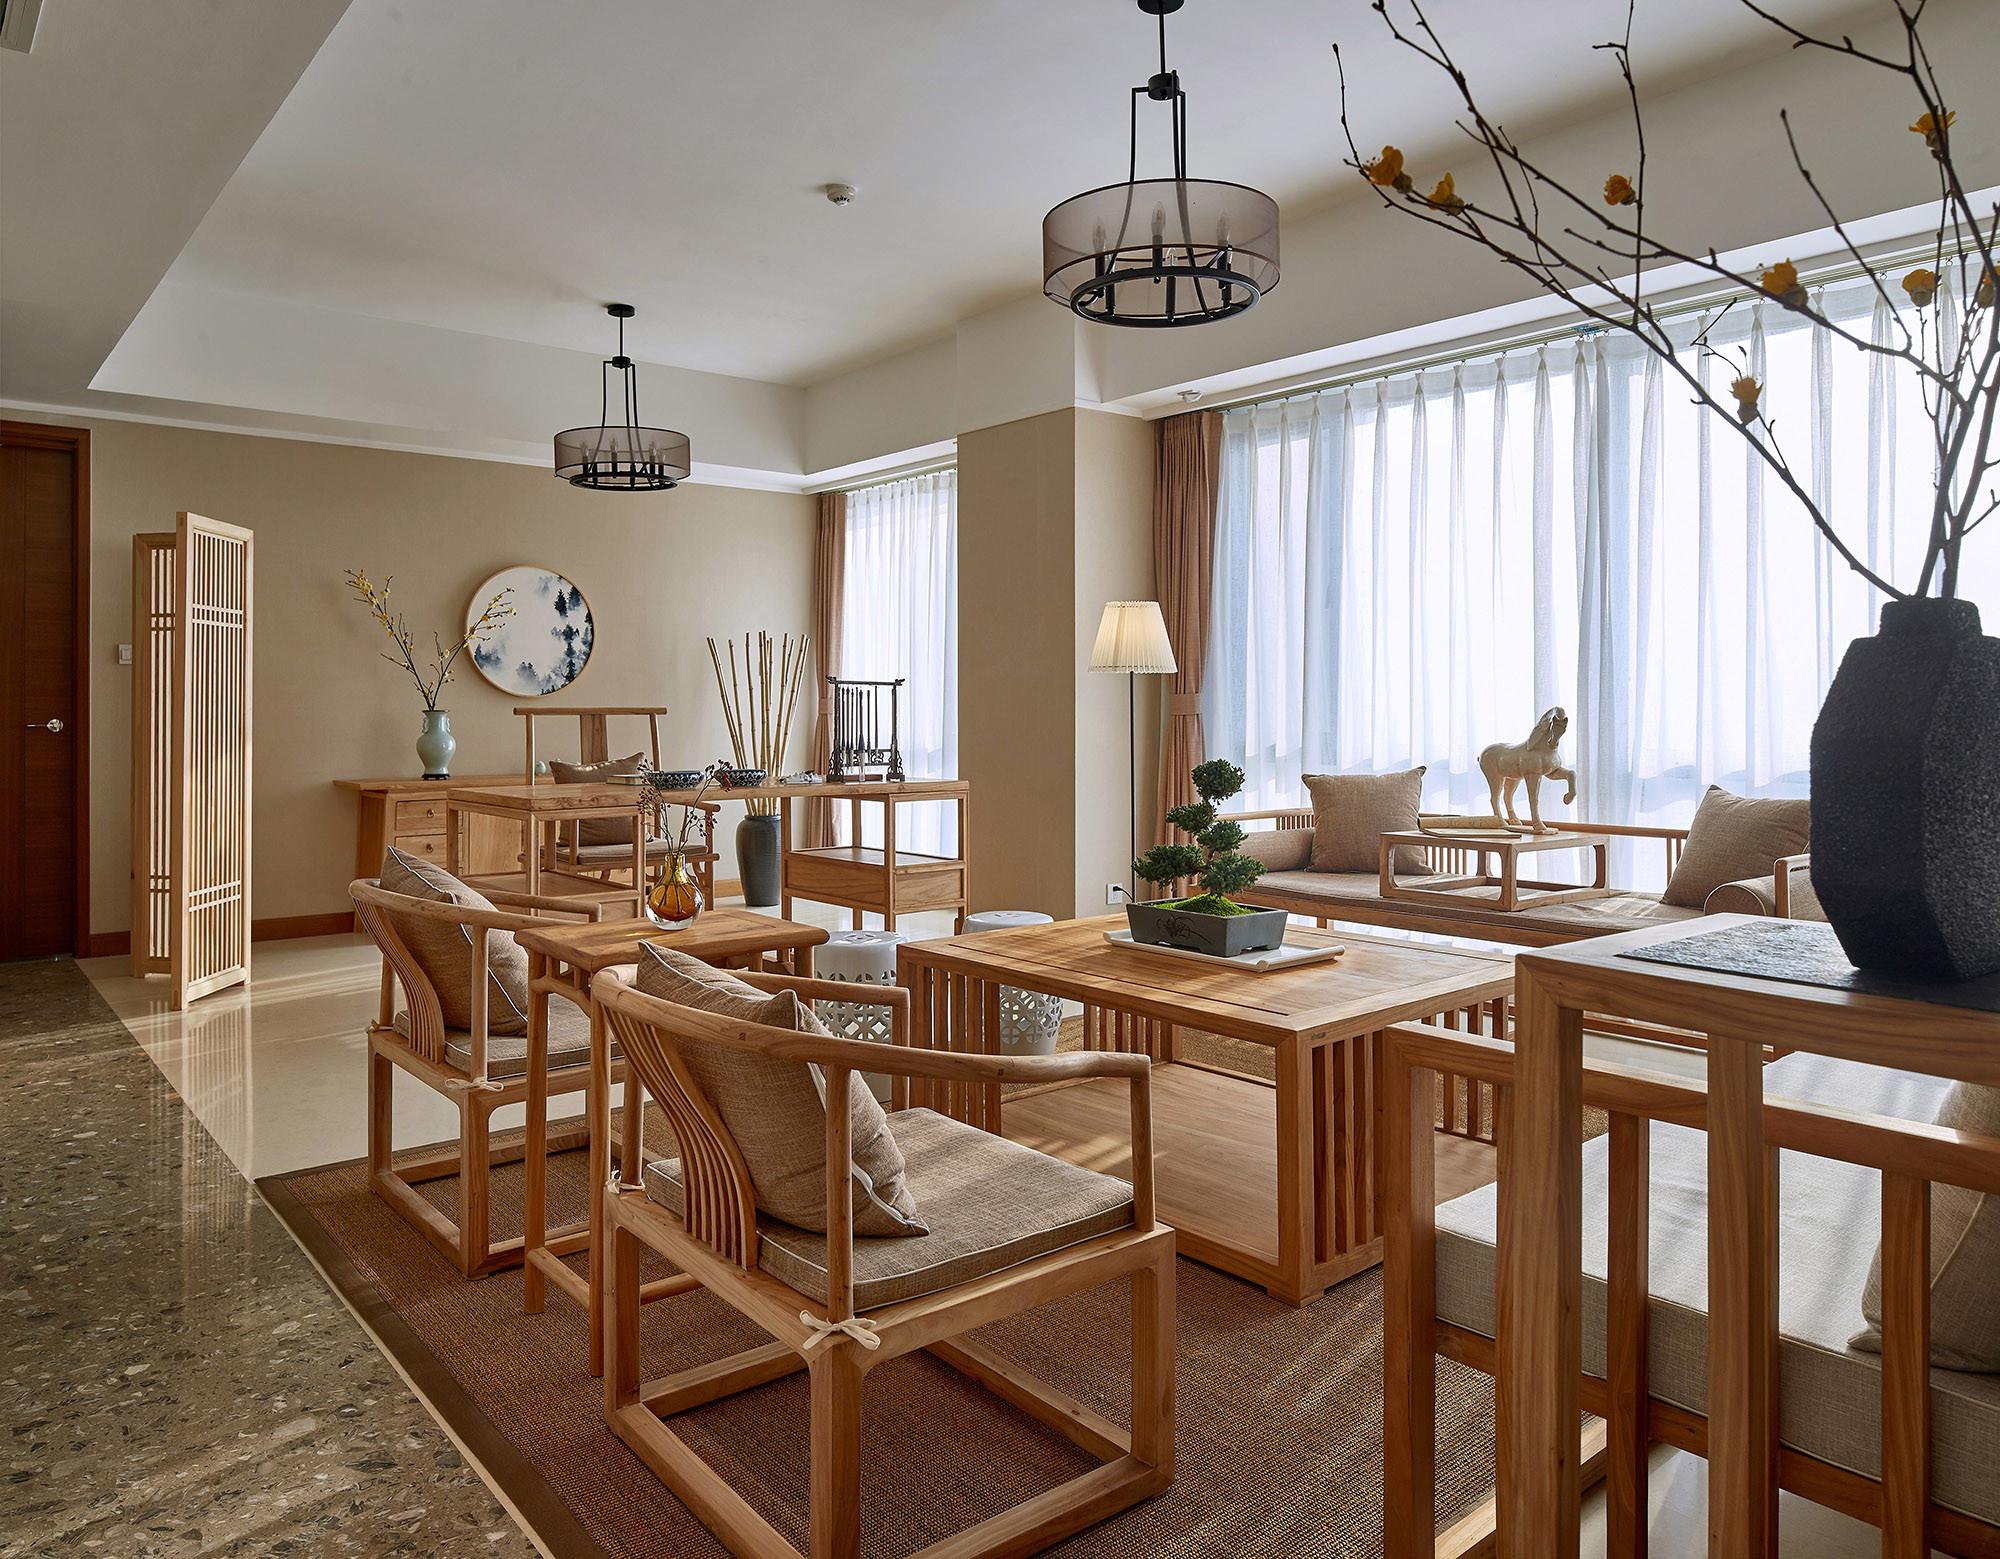 150㎡中式装修沙发椅图片